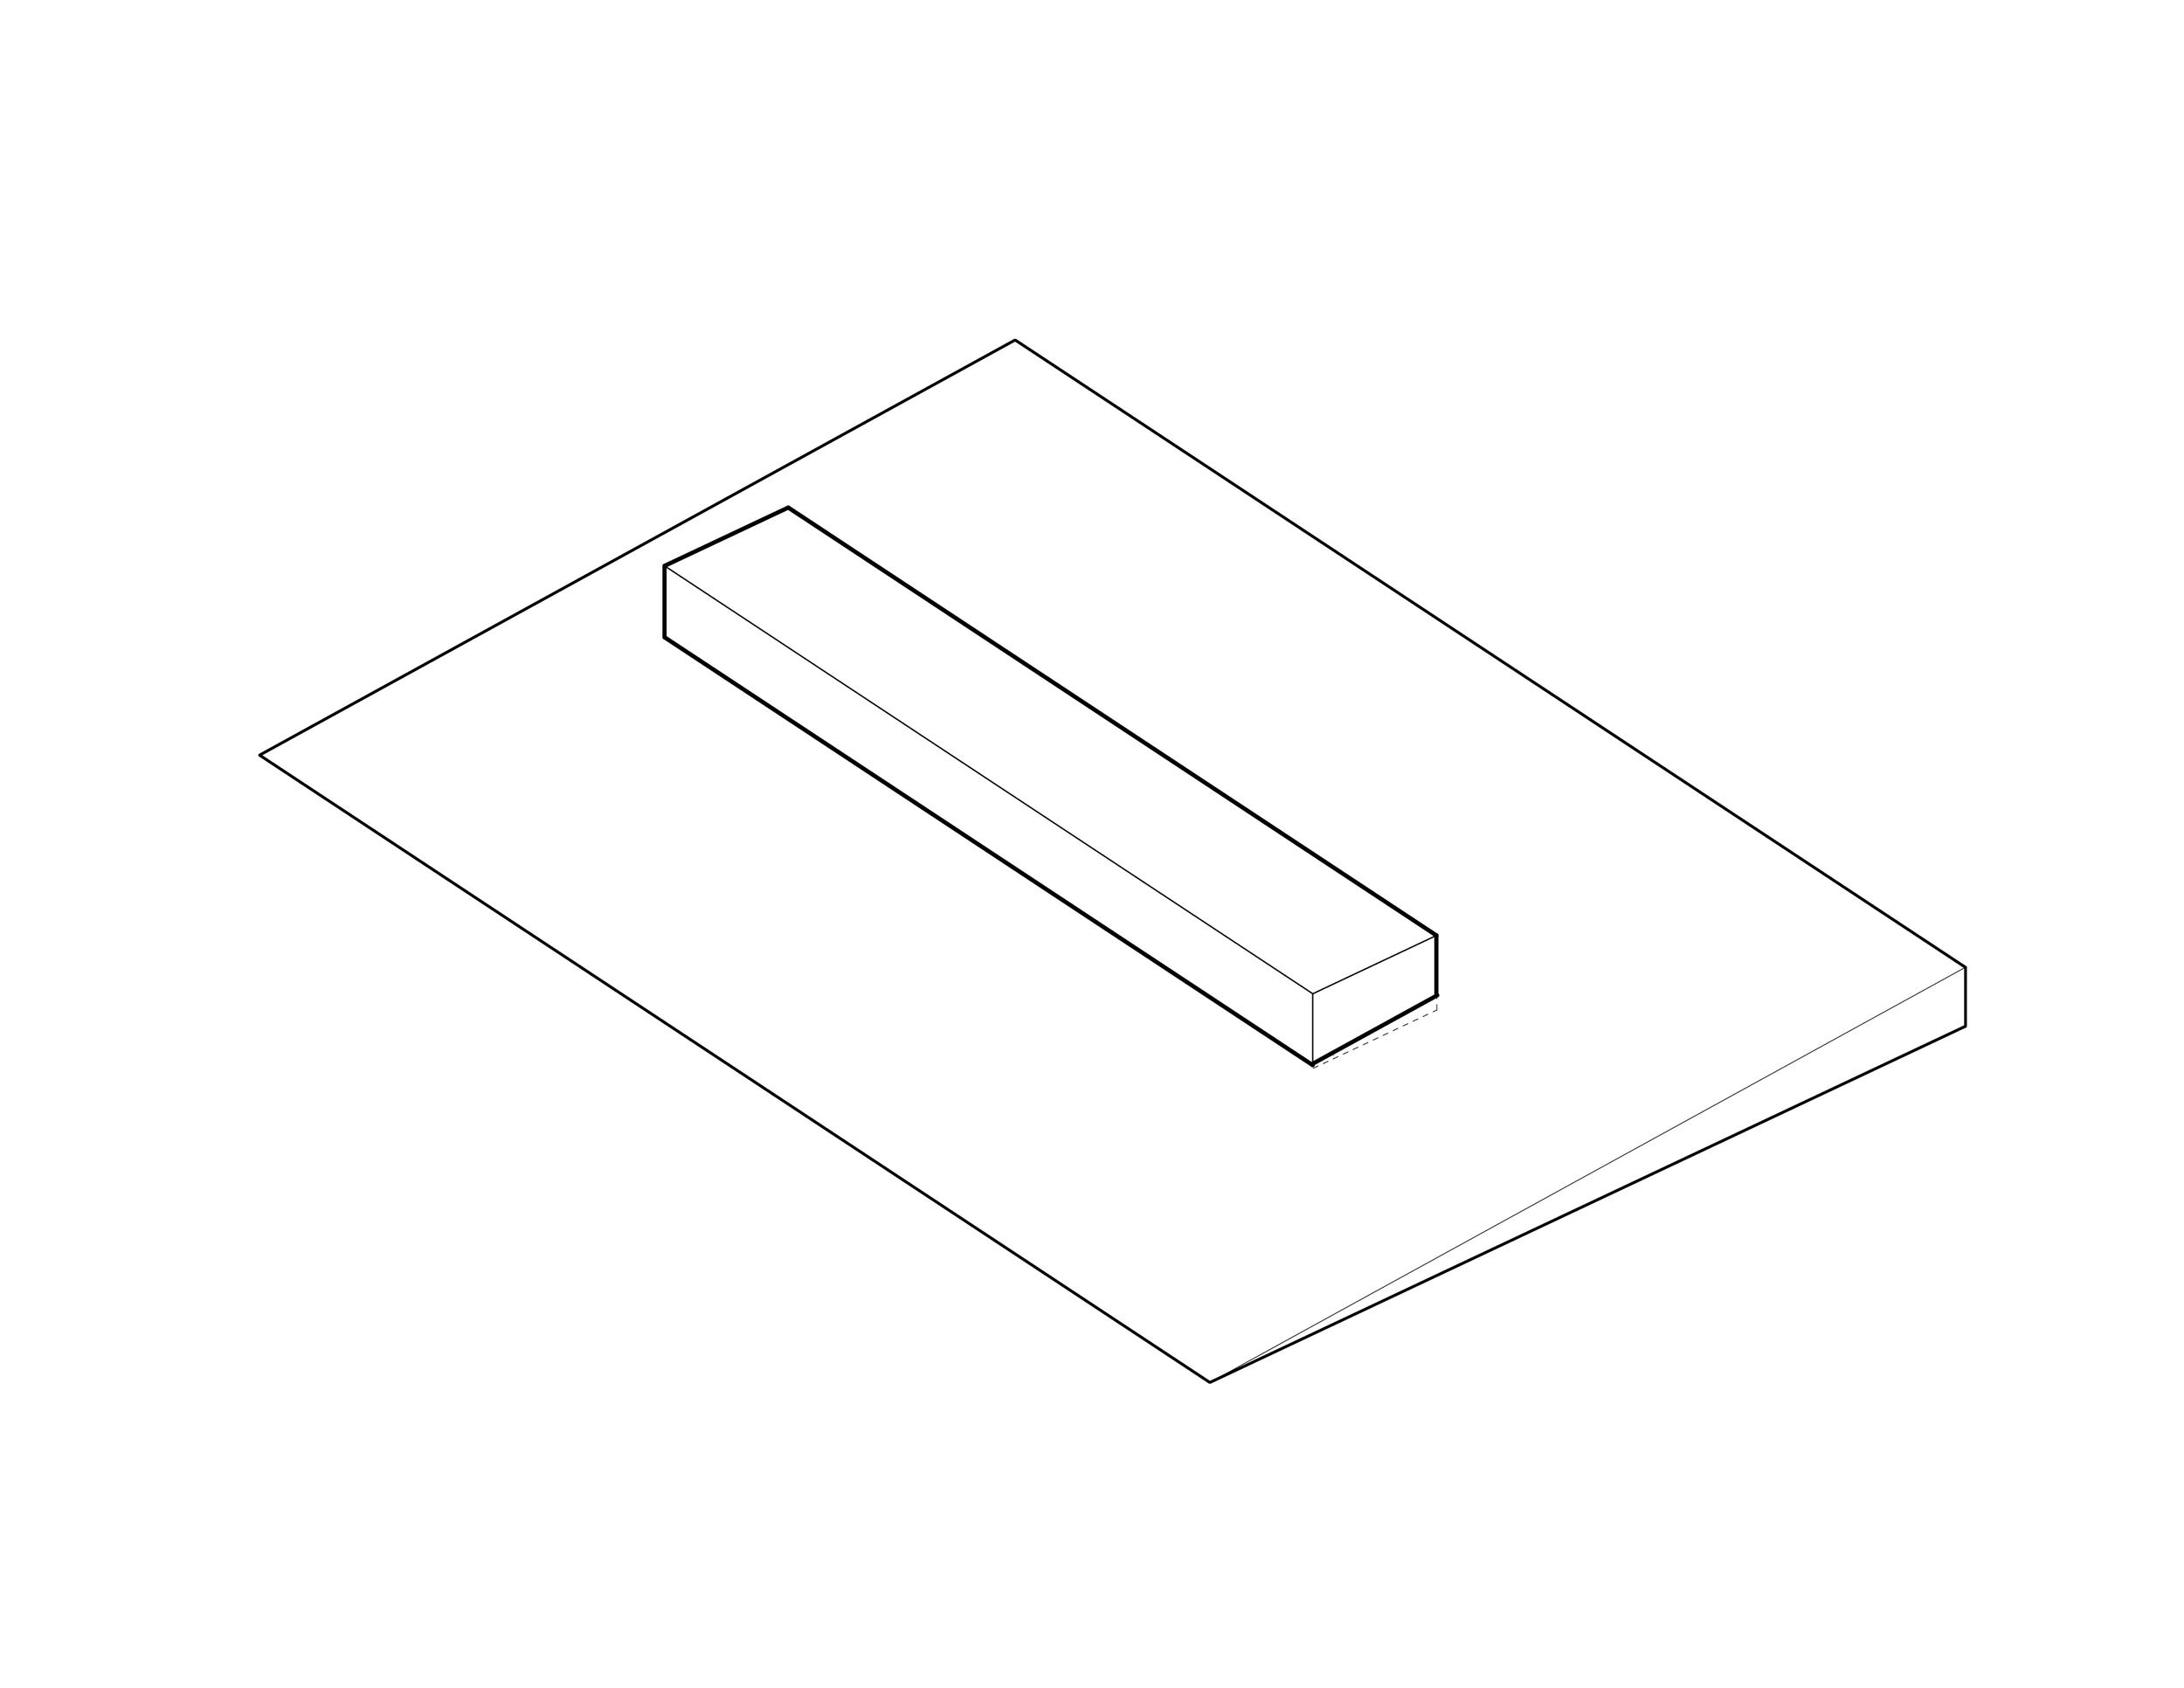 1407_03_Diagrams_Bar.jpg